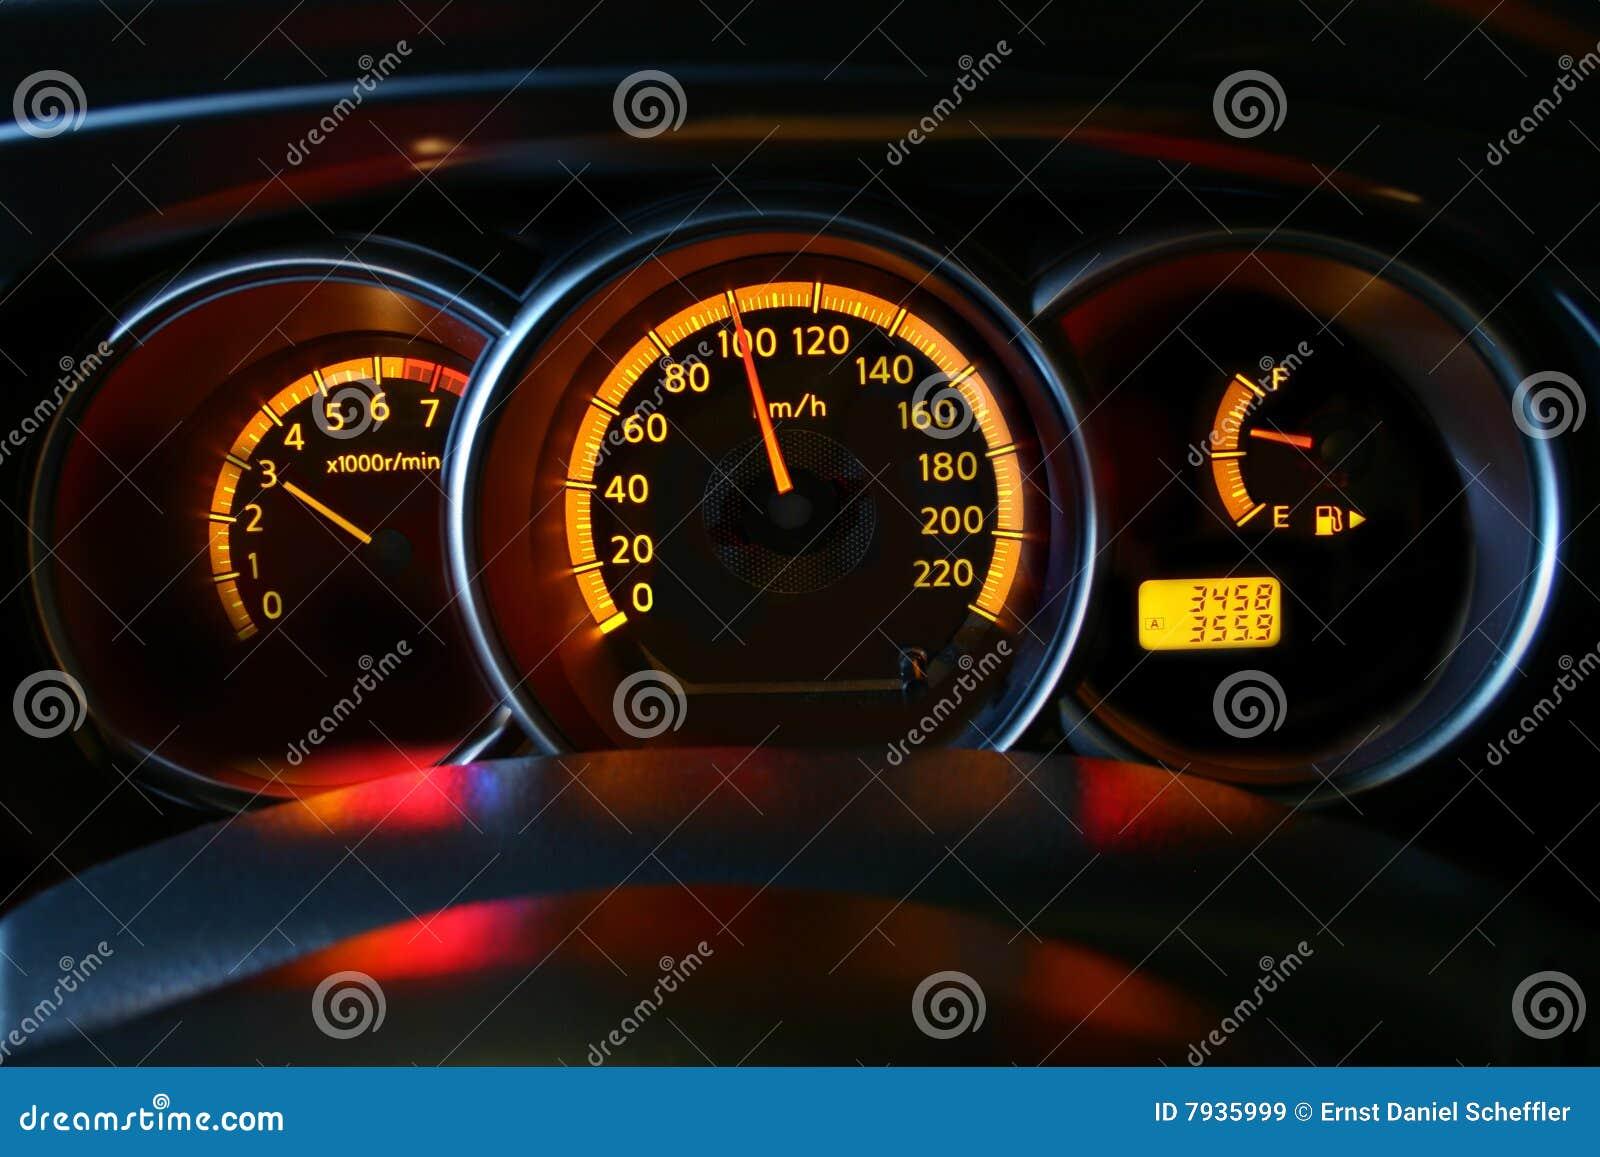 Entfernungsmesser Für Auto : Auto geschwindigkeitsmesser stockbild bild von drehzahl